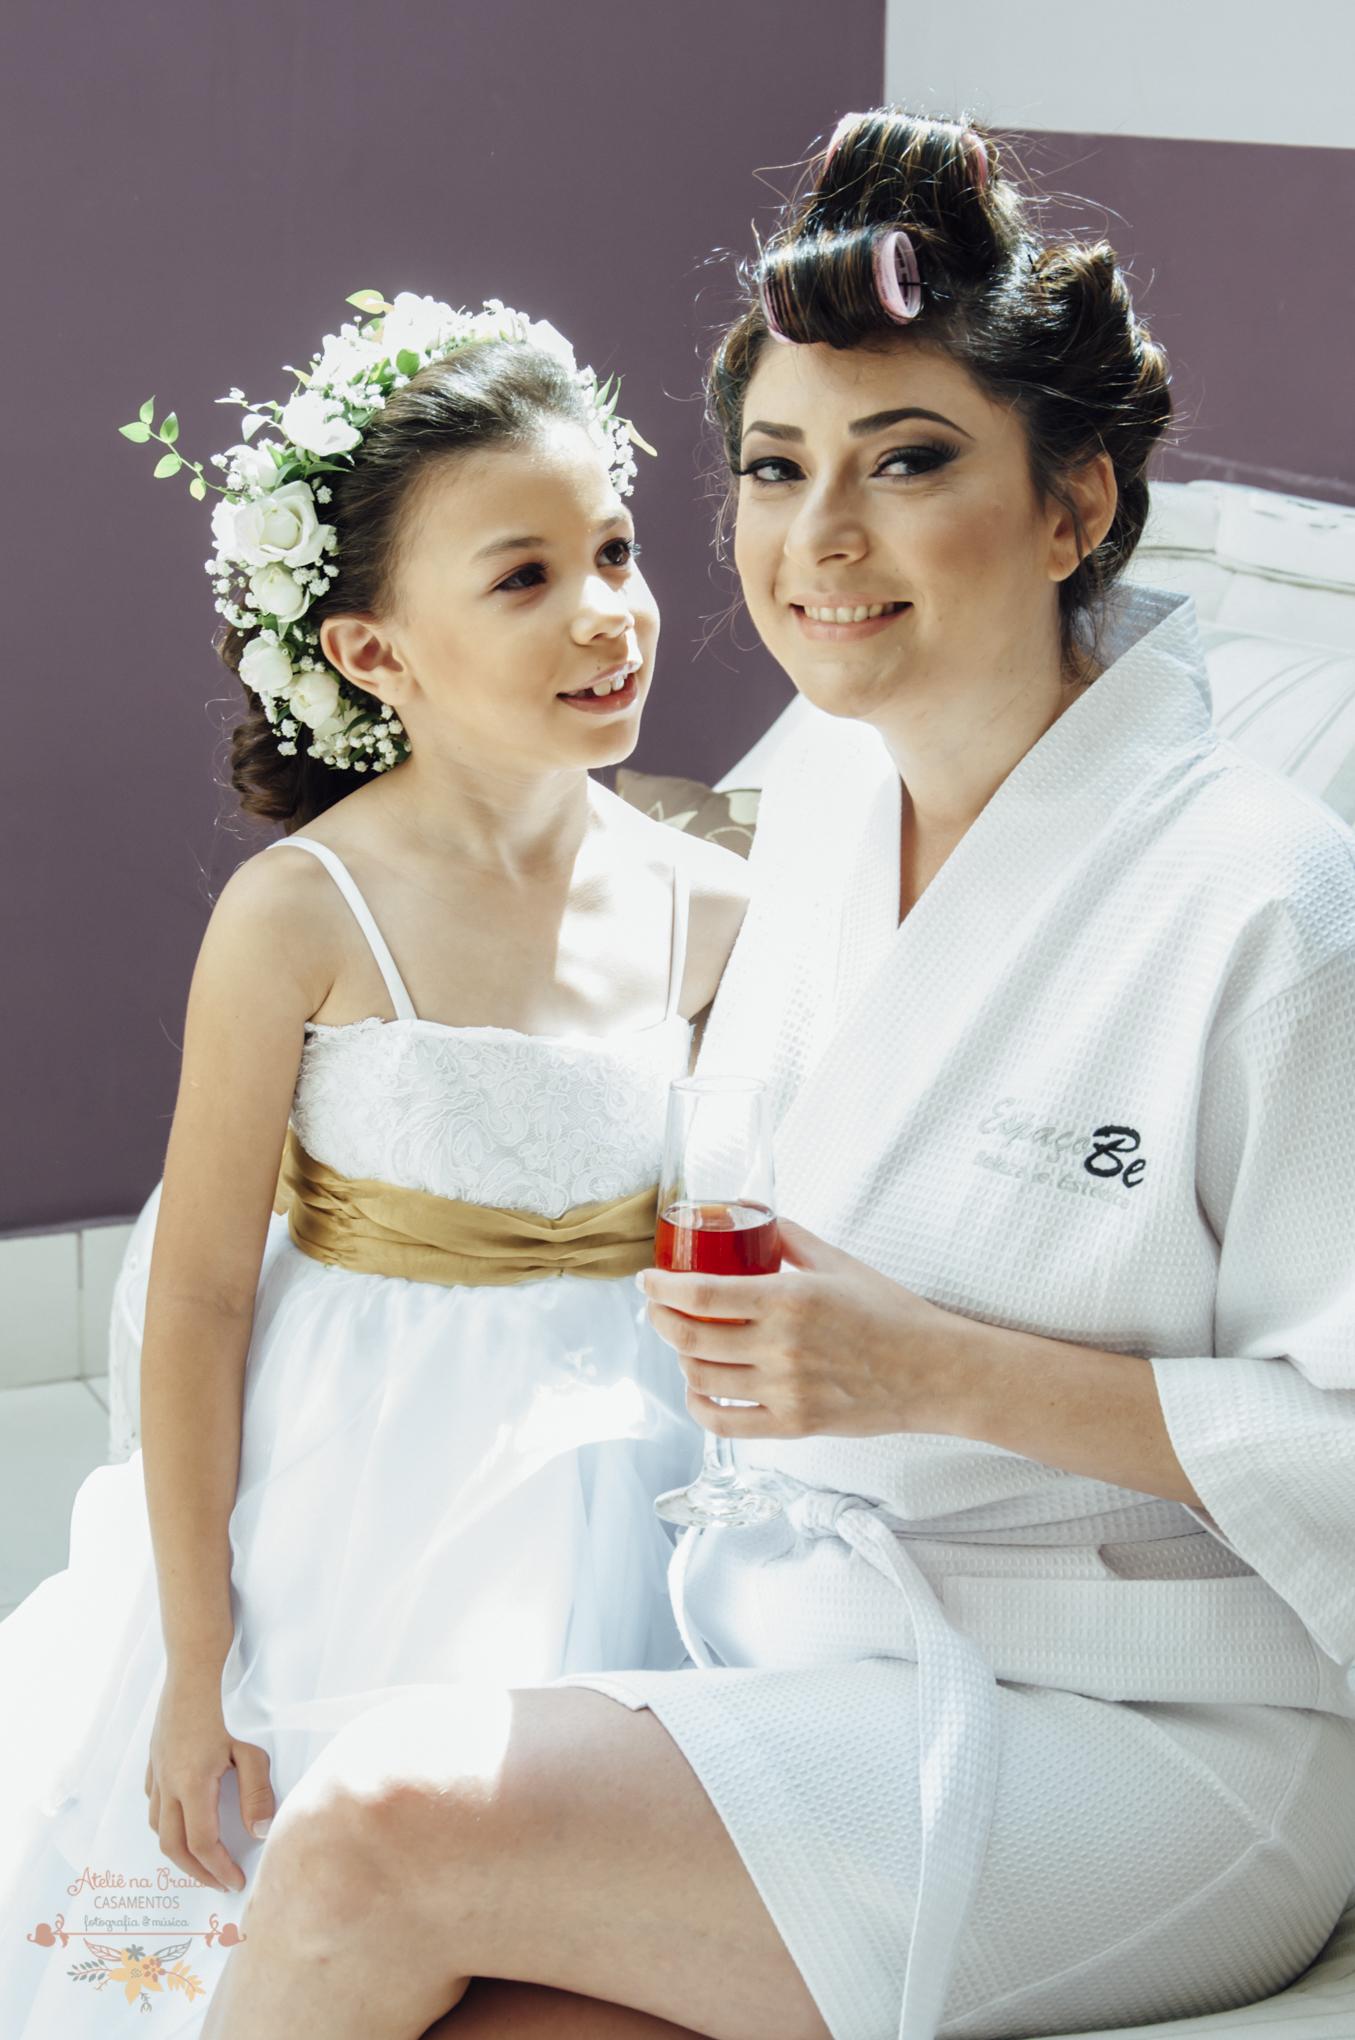 01-Atelie-na-Praia-Casamento-Yasmine-Anderson-9594